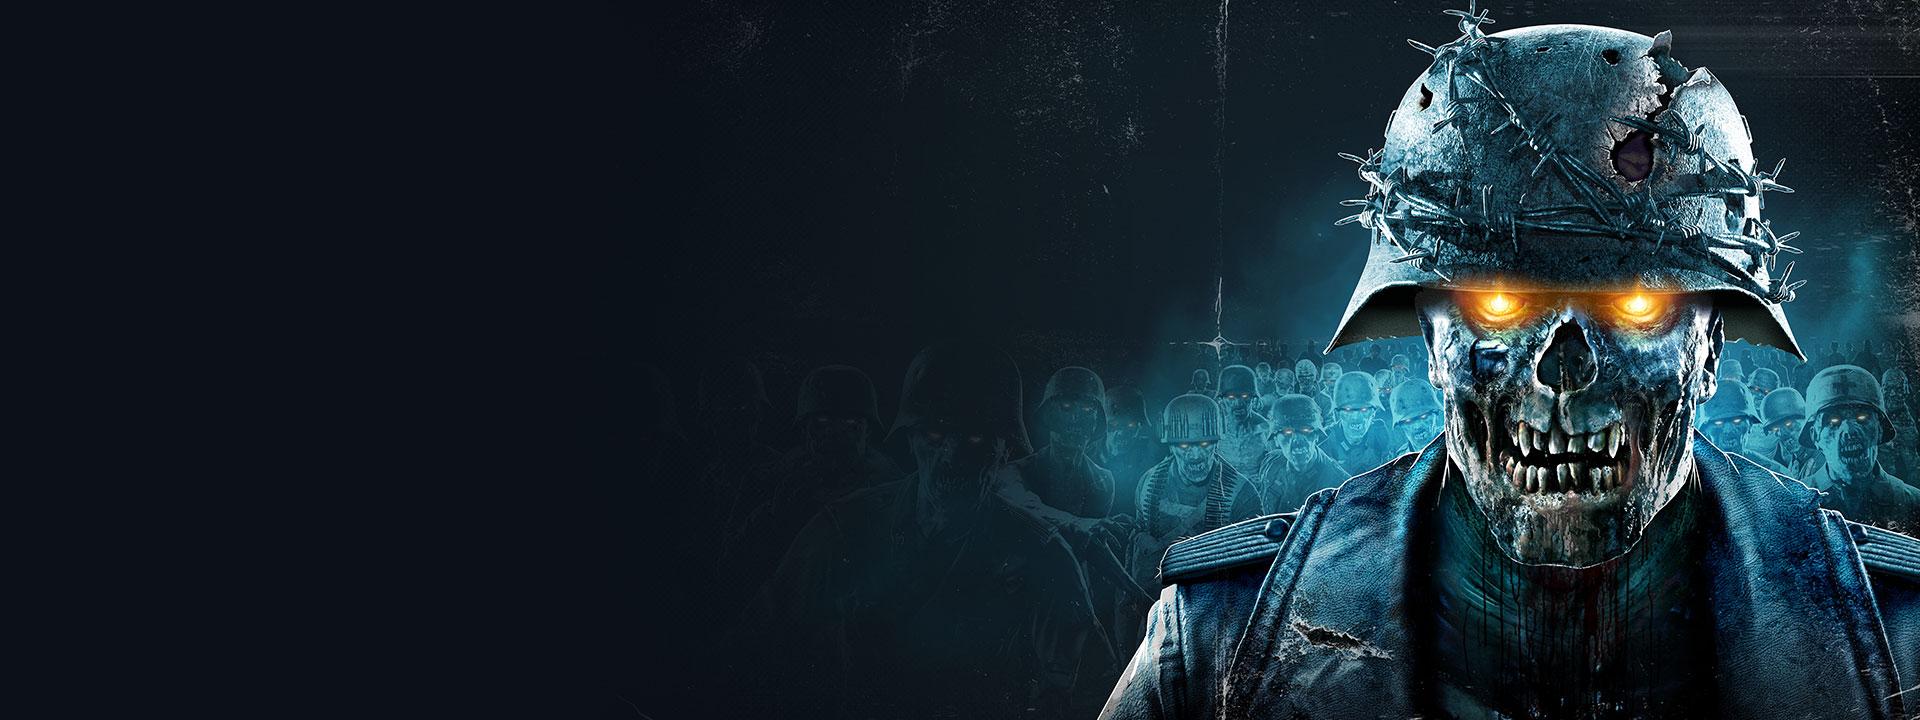 Xxneoxx wolf gaming